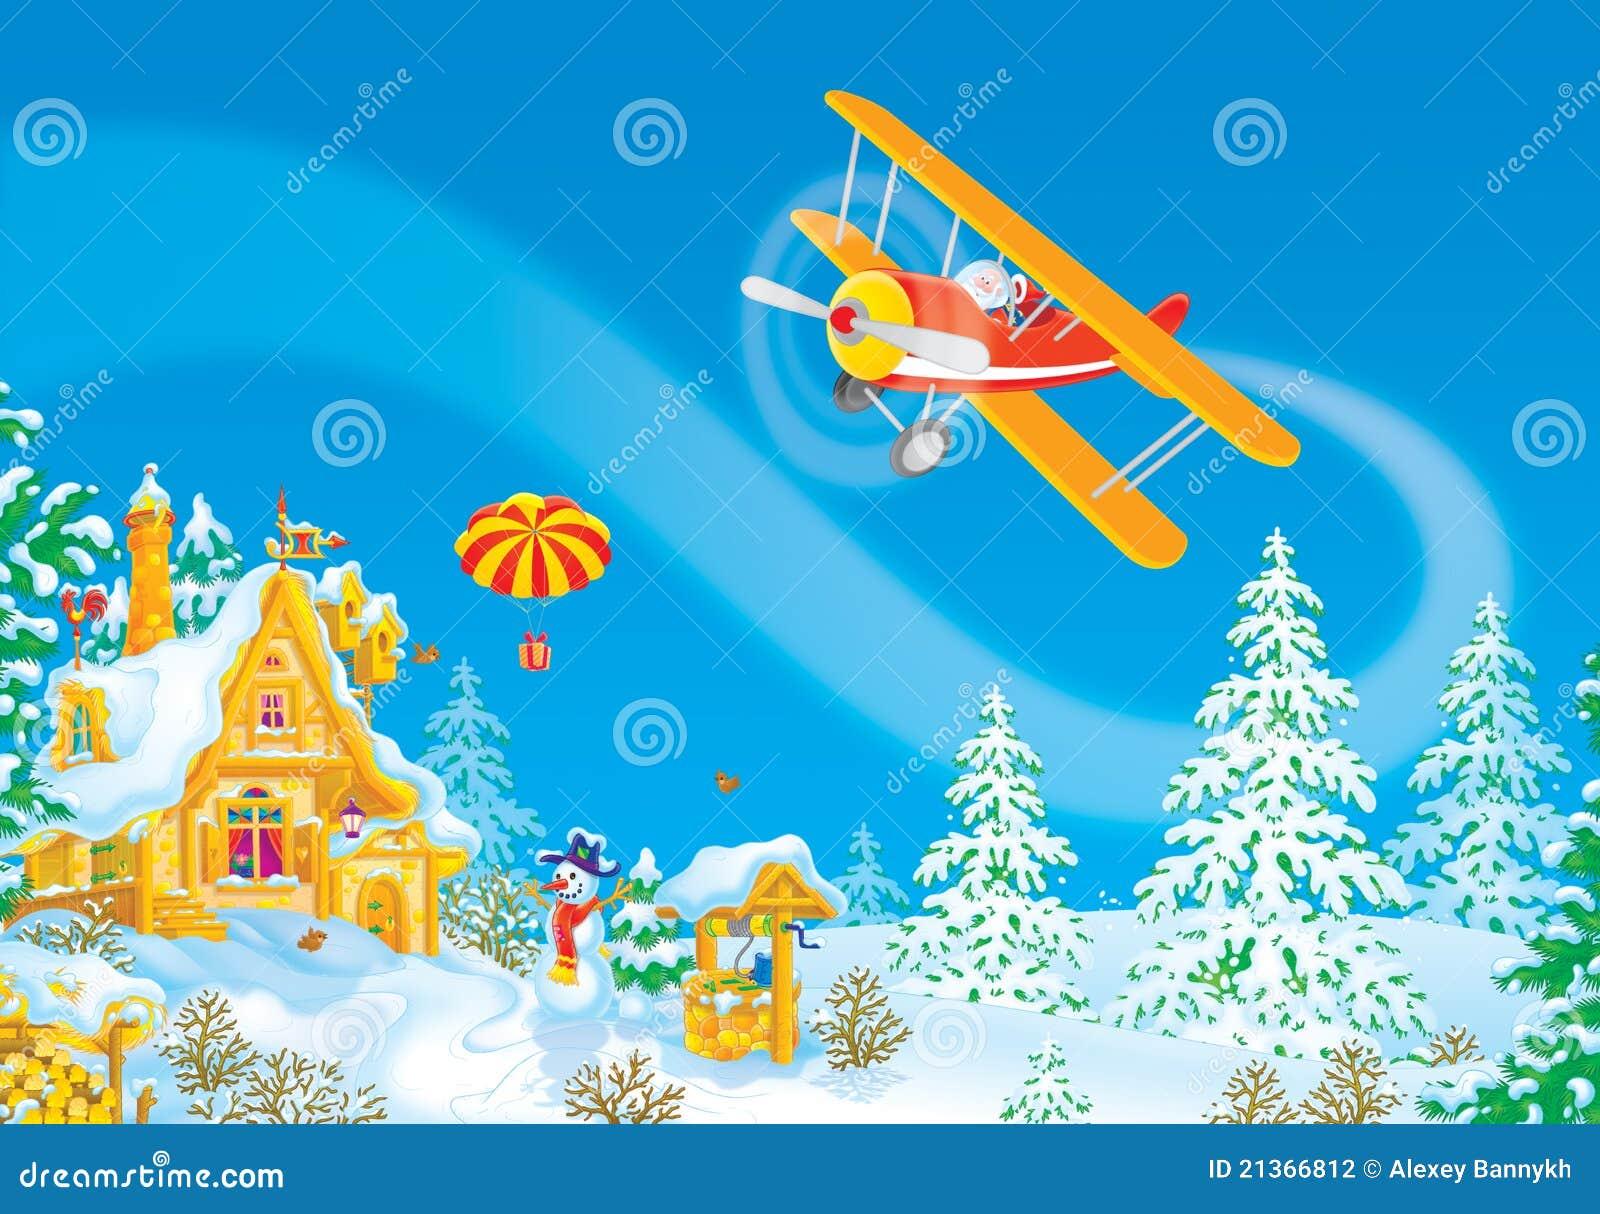 weihnachtsmann fliegt in sein flugzeug stockfotografie. Black Bedroom Furniture Sets. Home Design Ideas